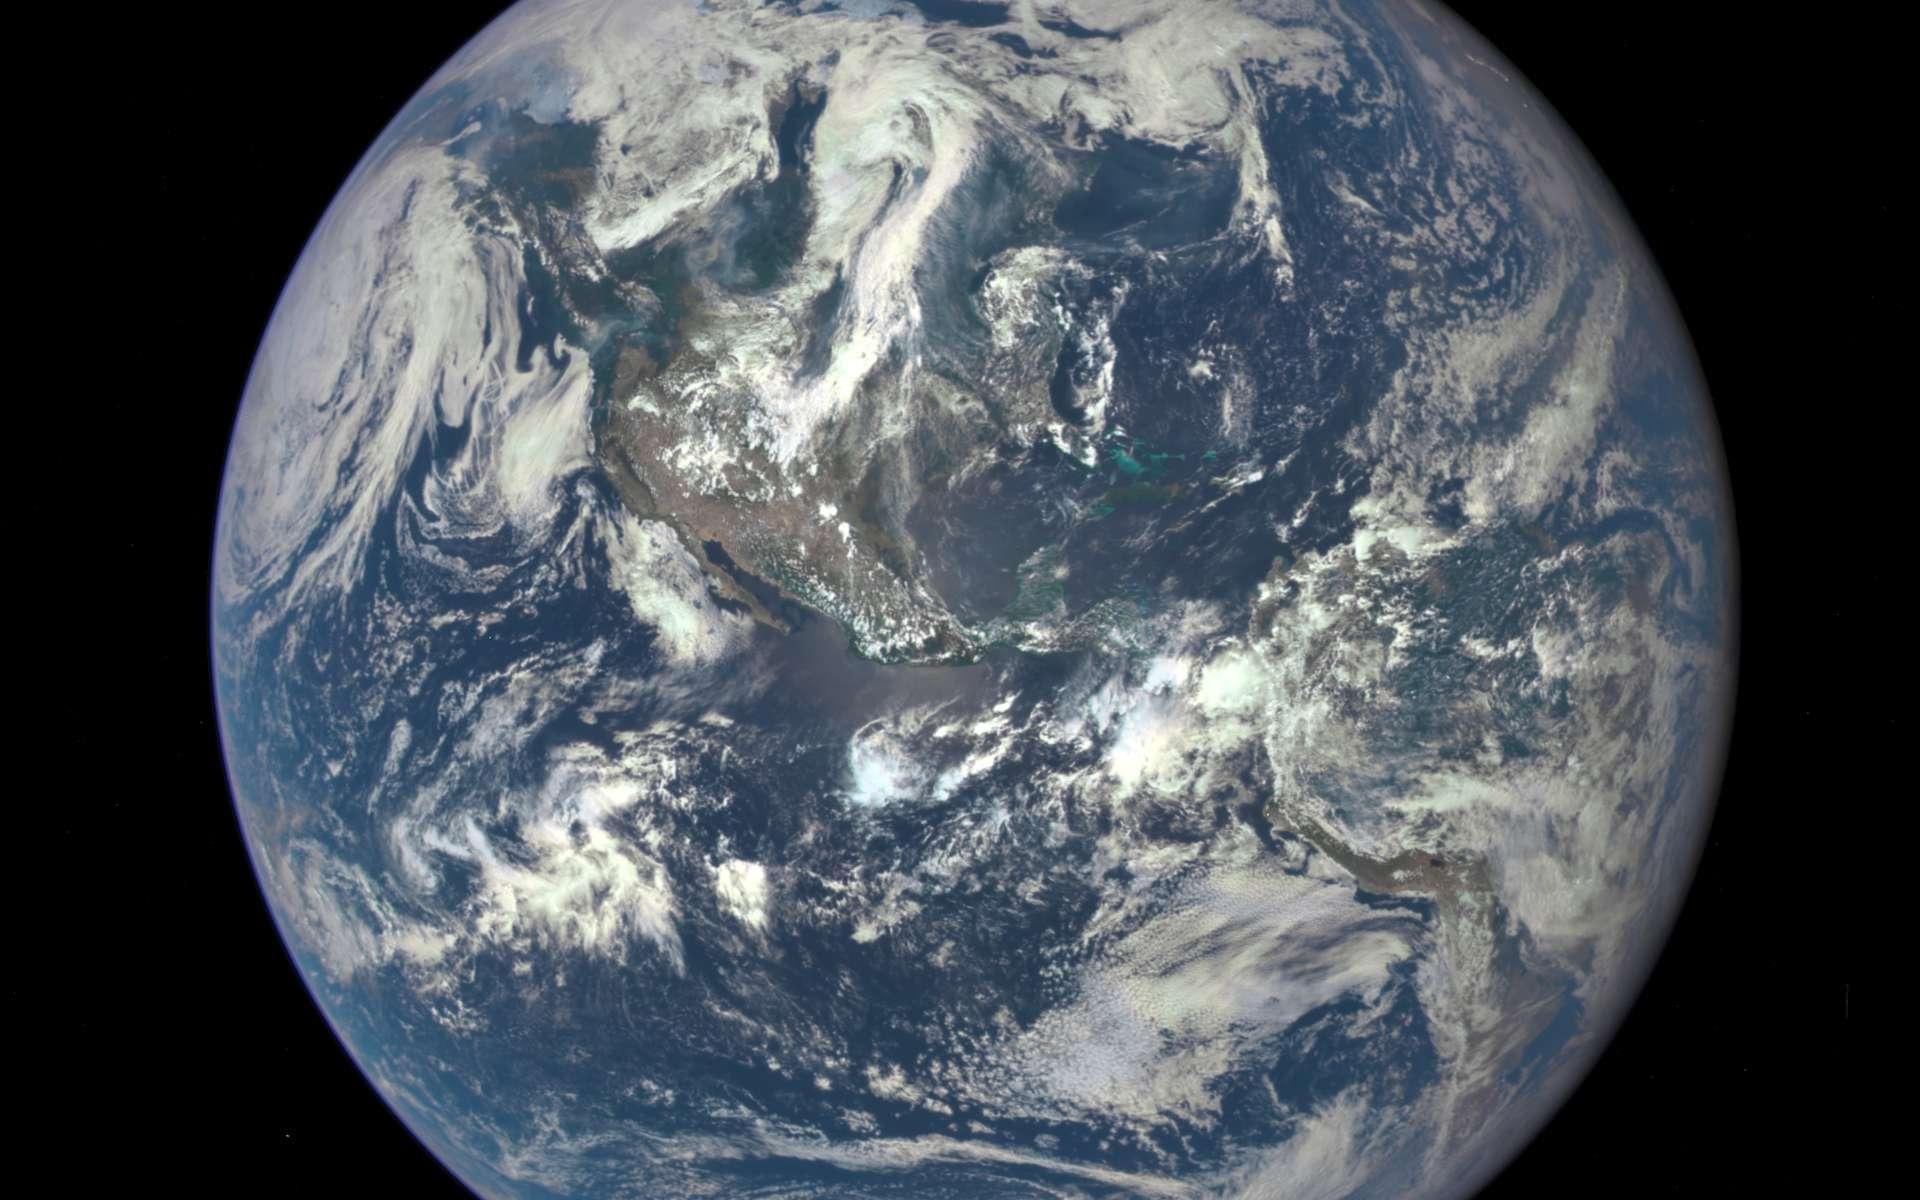 La Terre photographiée le 6 juillet 2015 par l'instrument Epic du satellite DSCOVR (Deep Space Climate Observatory) à une distance de 1,5 million de kilomètres. © Nasa, NOAA